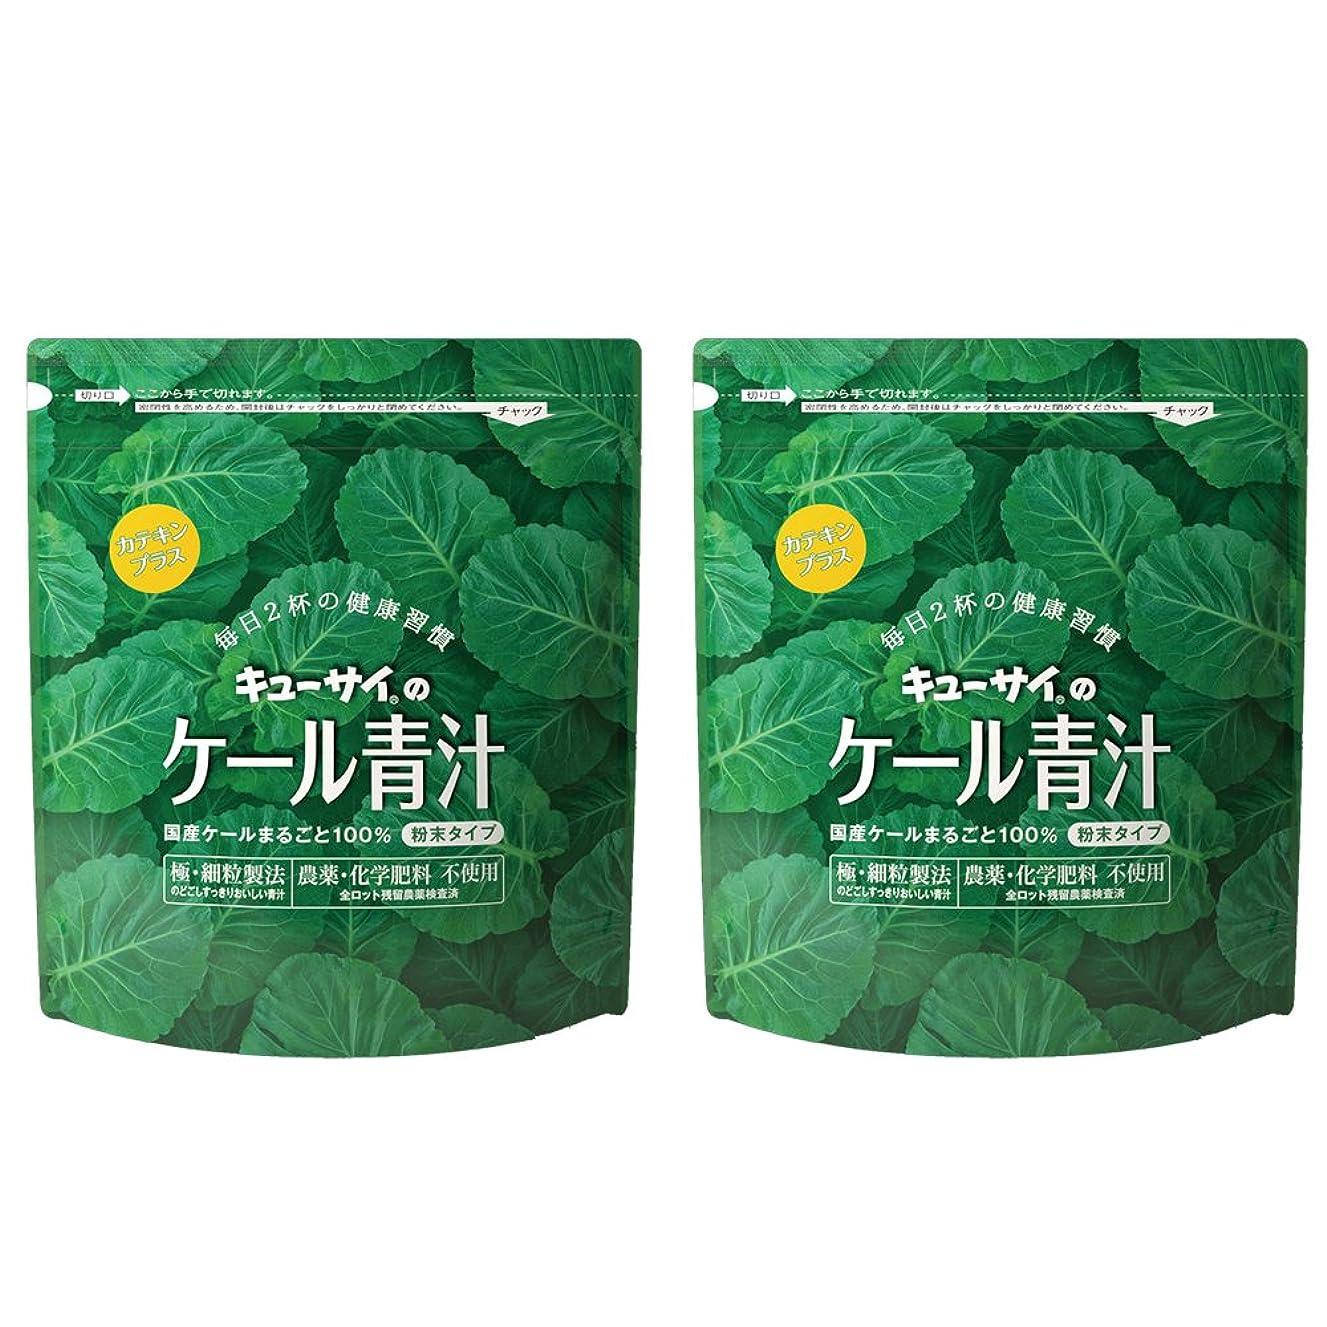 フェローシップ余計なジェムキューサイ青汁カテキンプラス420g(粉末タイプ)2袋まとめ買い【1袋420g(約1カ月分)】